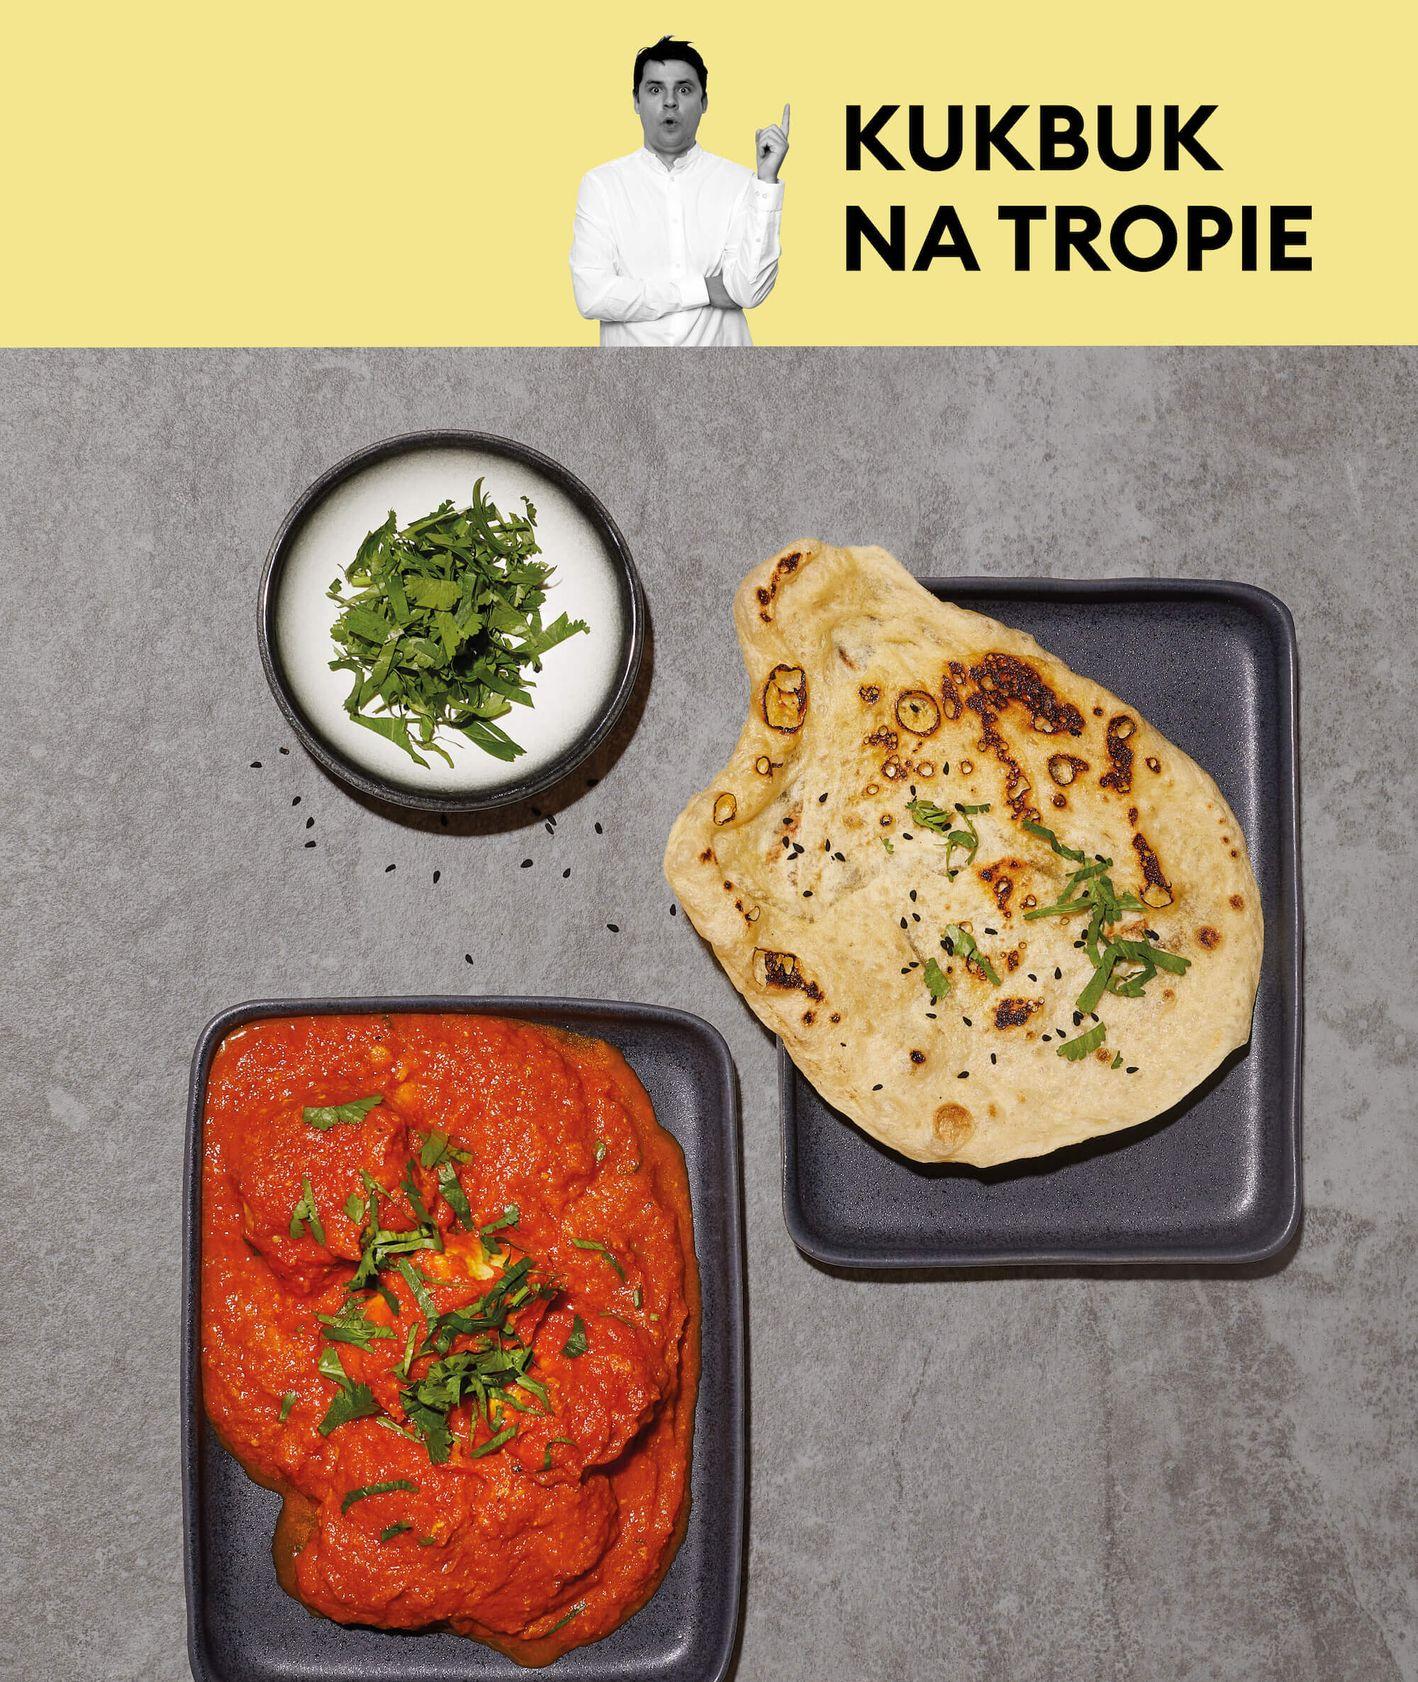 Przepis Tomka Zielke na butter chicken - indyjskiego kurczaka w sosie pomidorowym (fot. Maciek Niemojewski)